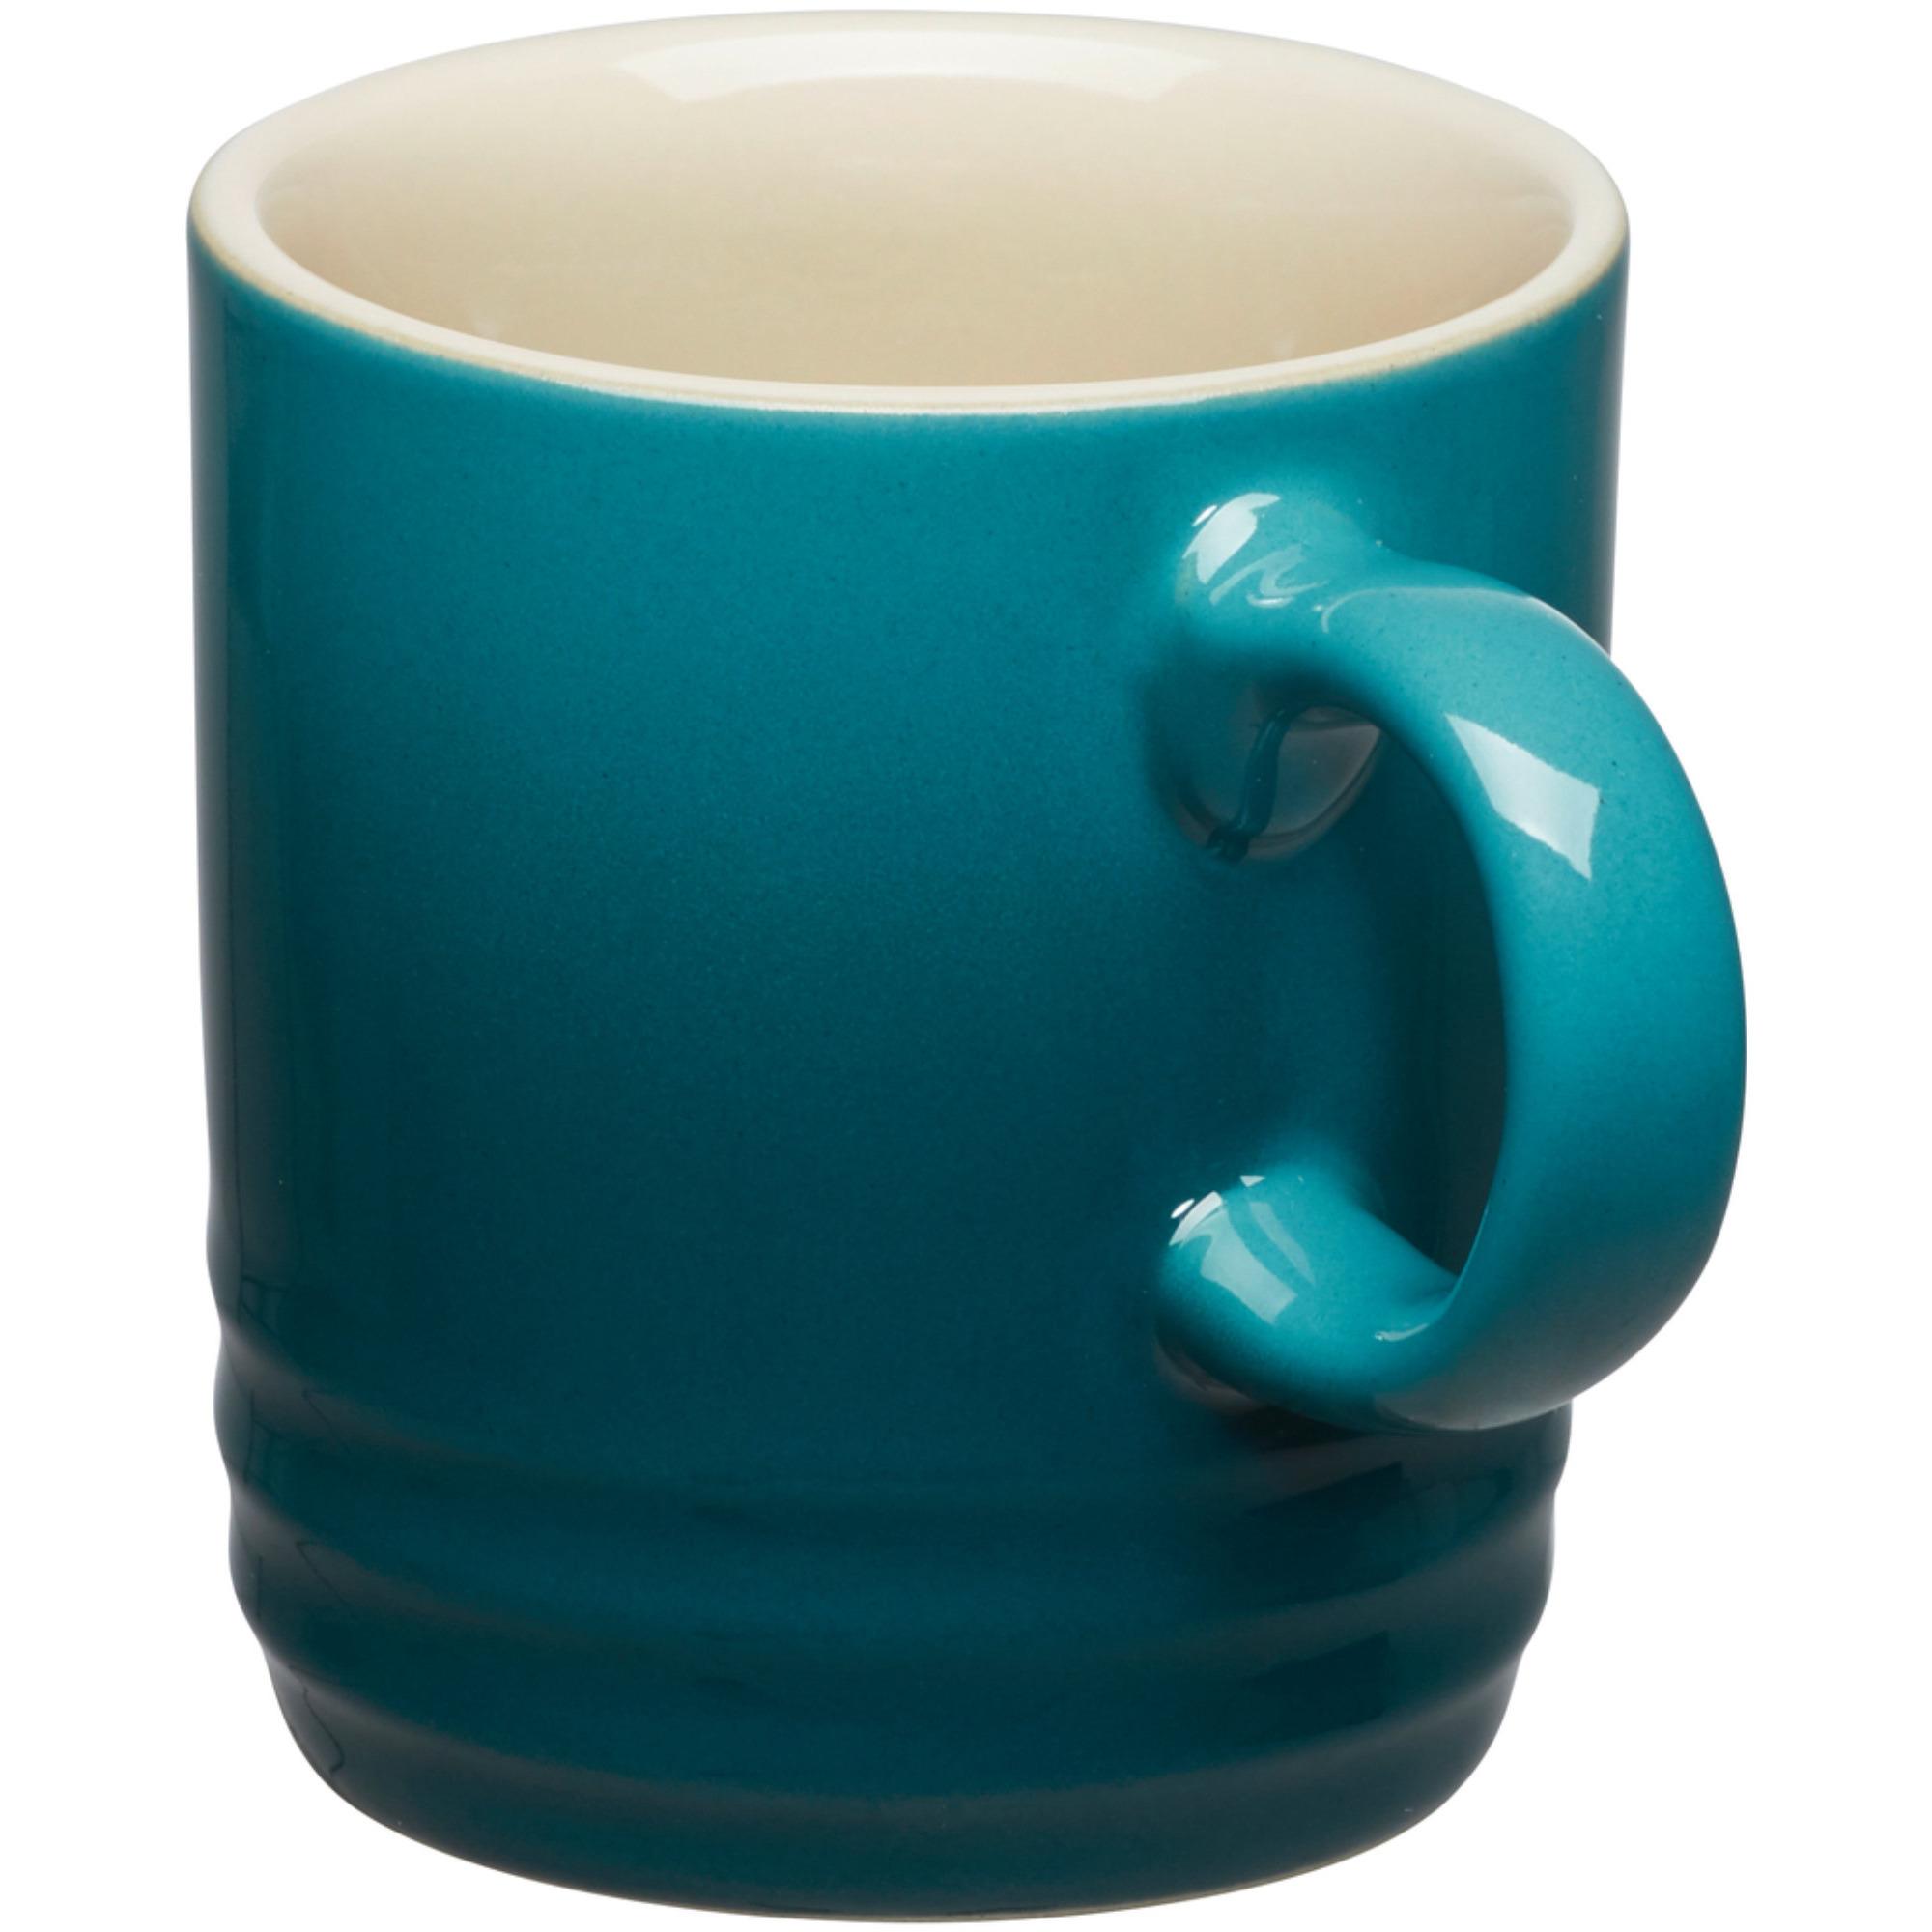 Le Creuset Espressokopp 70 ml Deep Teal